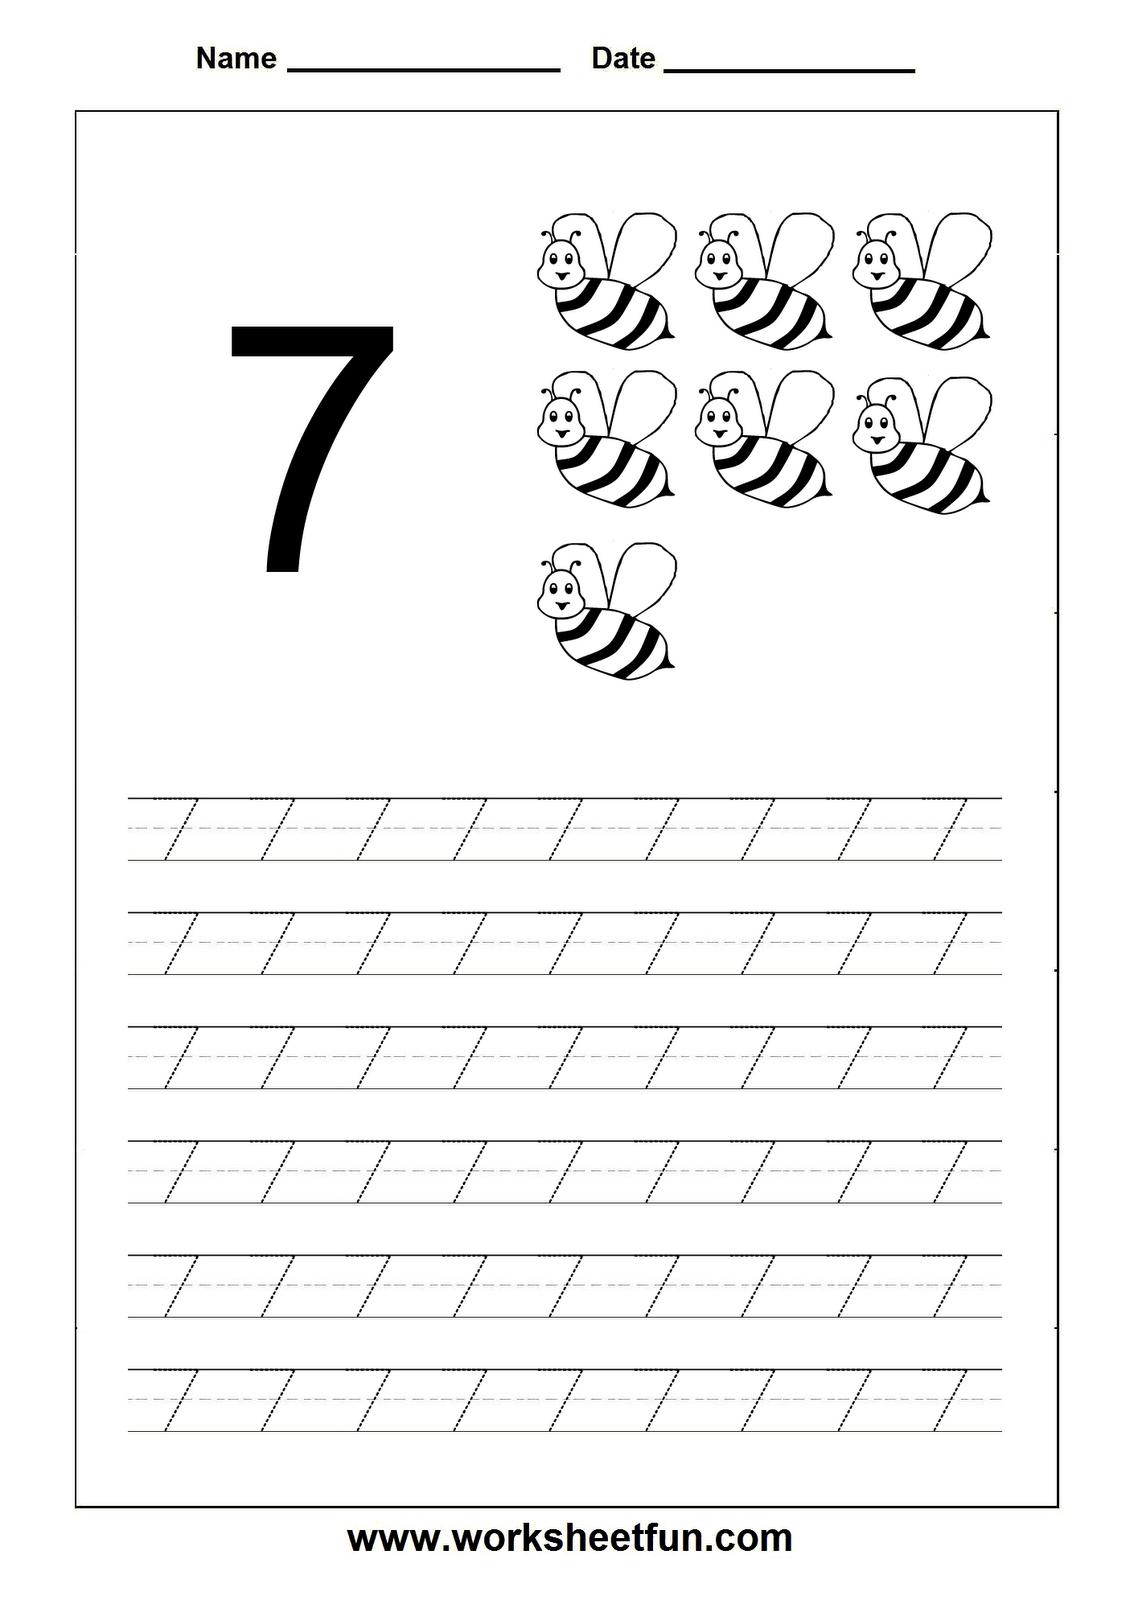 15 Best Images Of Number 7 Worksheets For Pre K Number 7